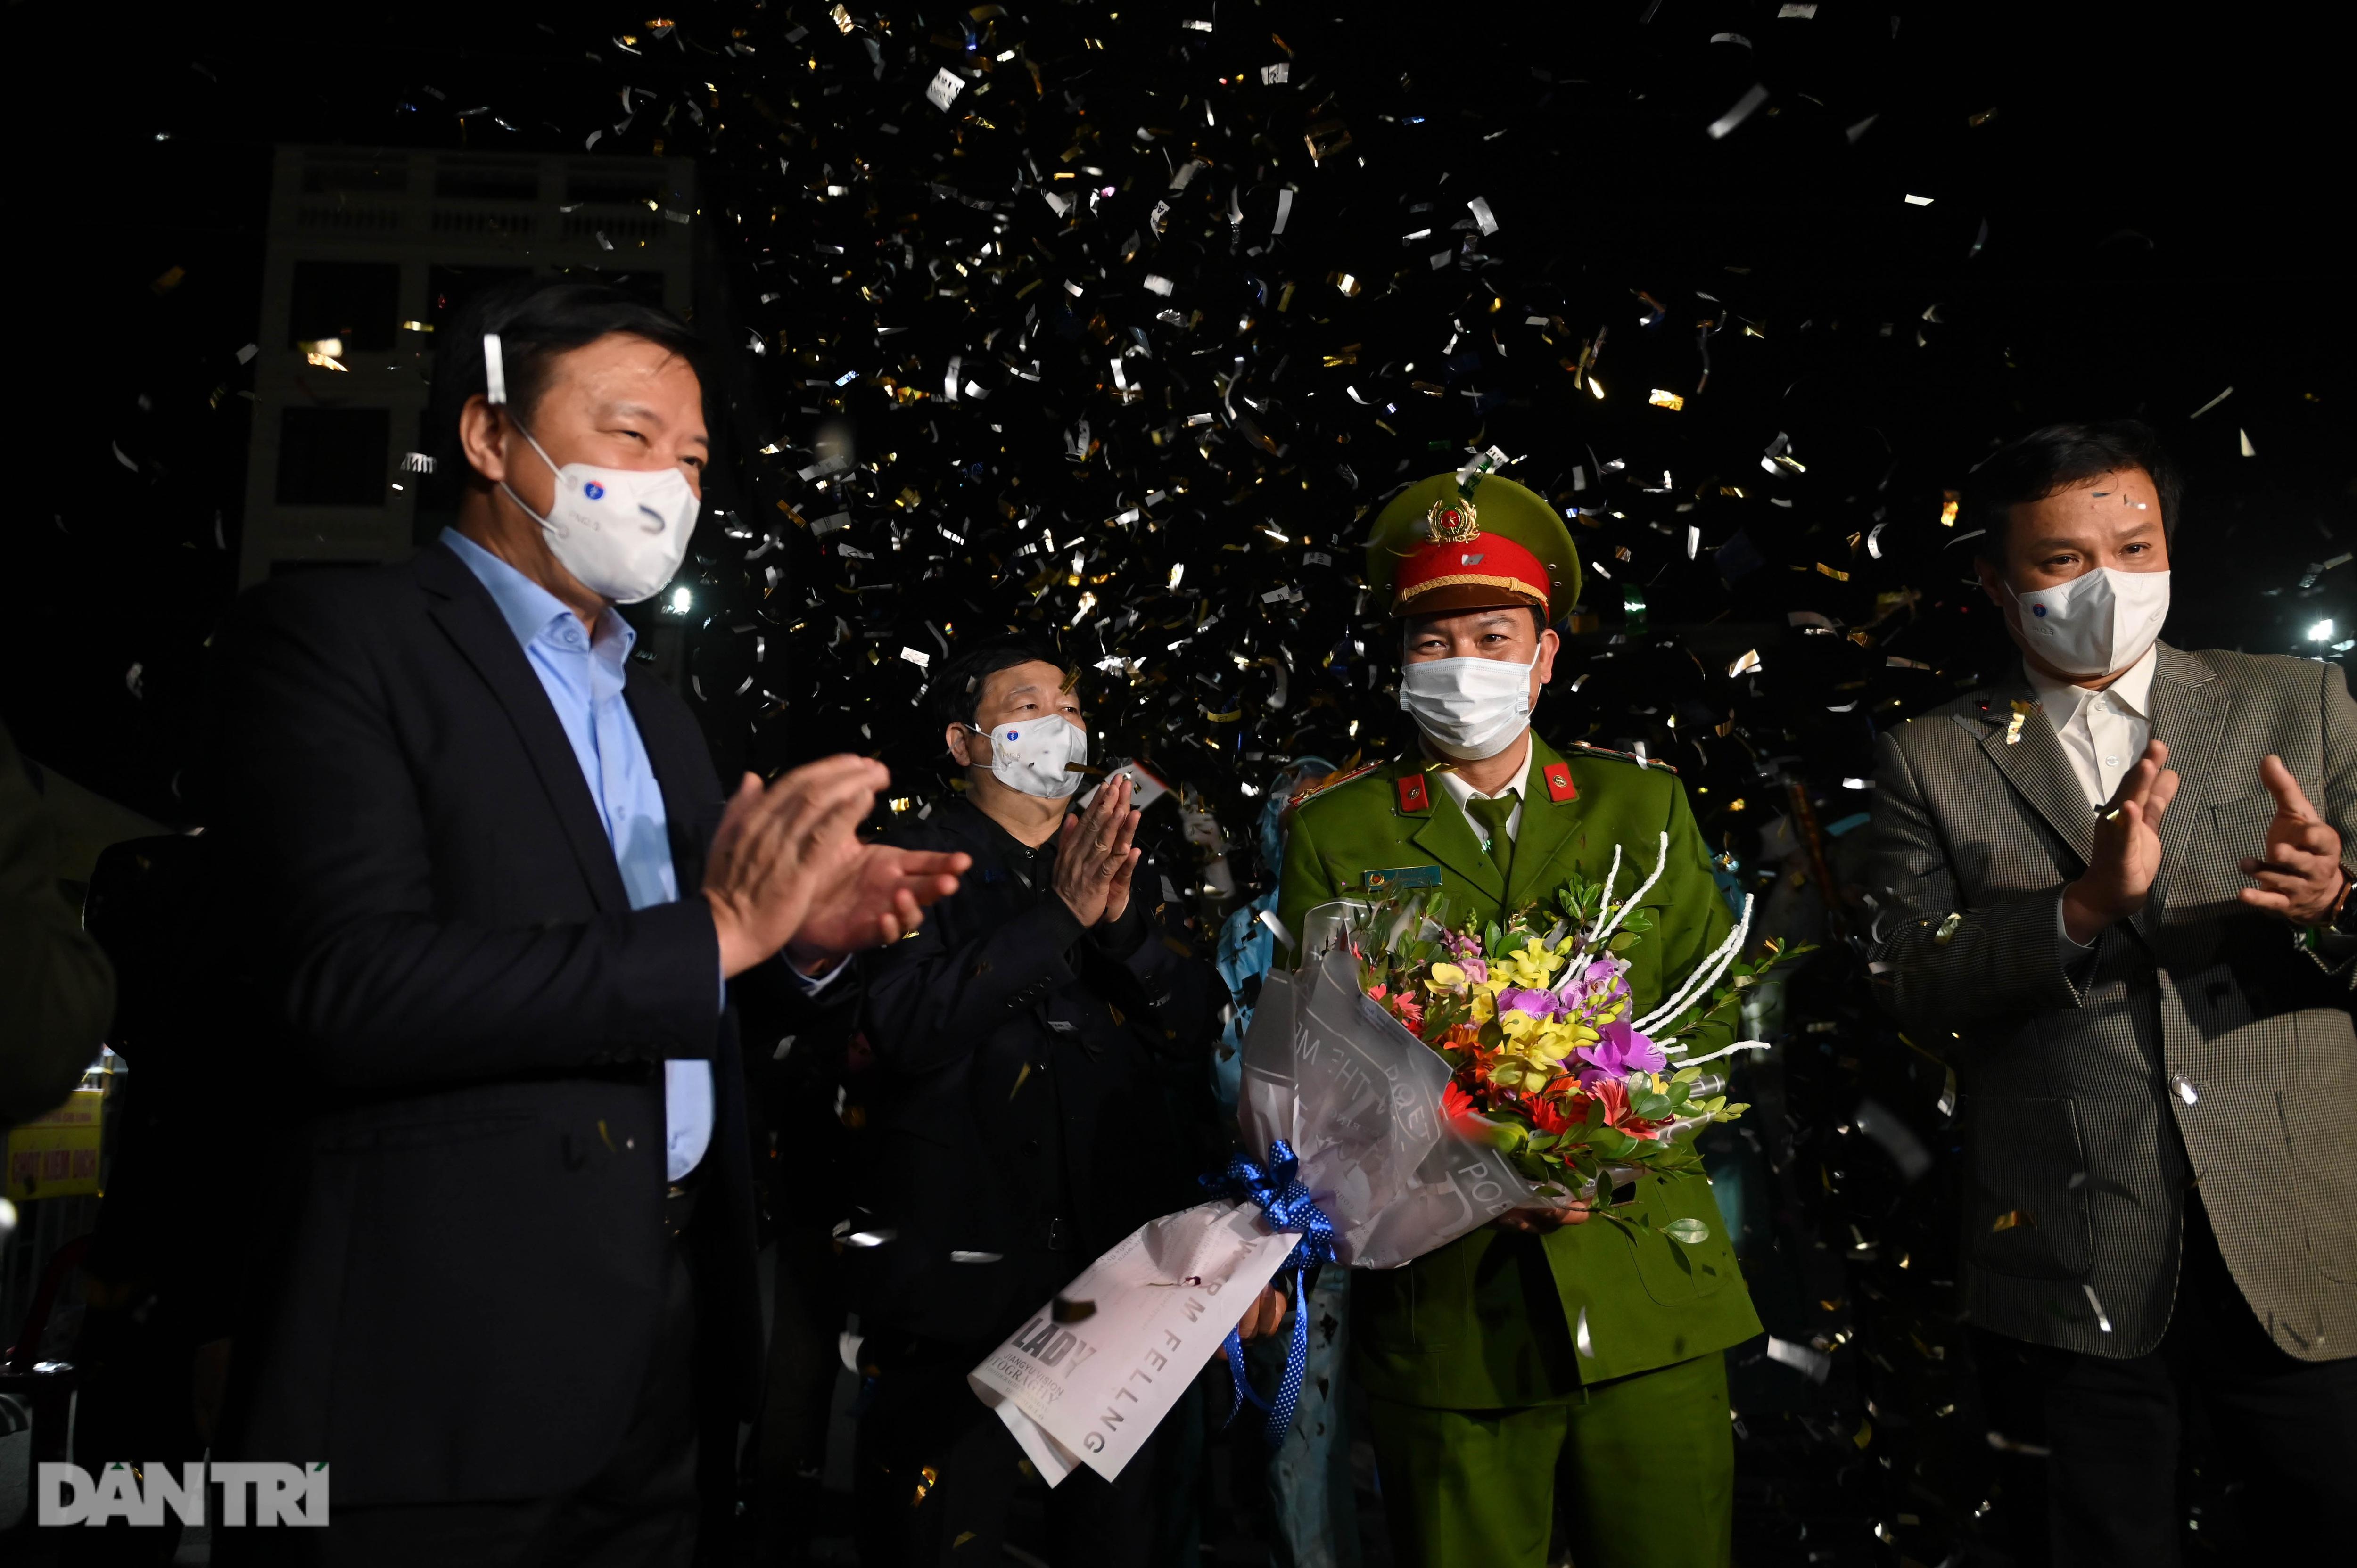 Pháo hoa rực rỡ, người dân vỡ òa cảm xúc khi TP Chí Linh được gỡ phong tỏa - 6